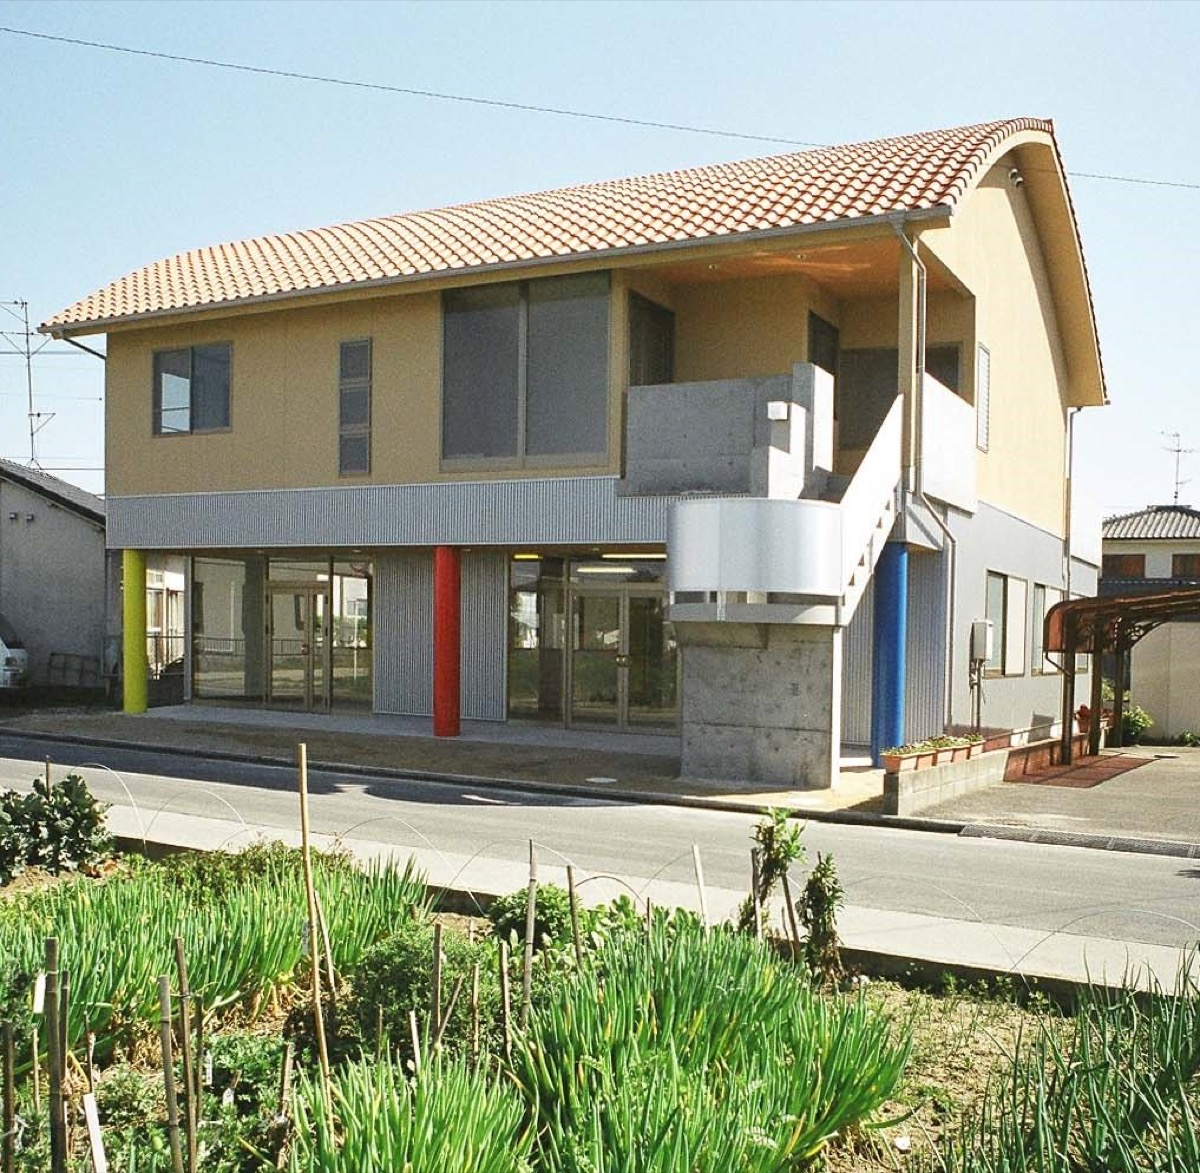 Rの屋根が特徴の混構造の住居兼用建物